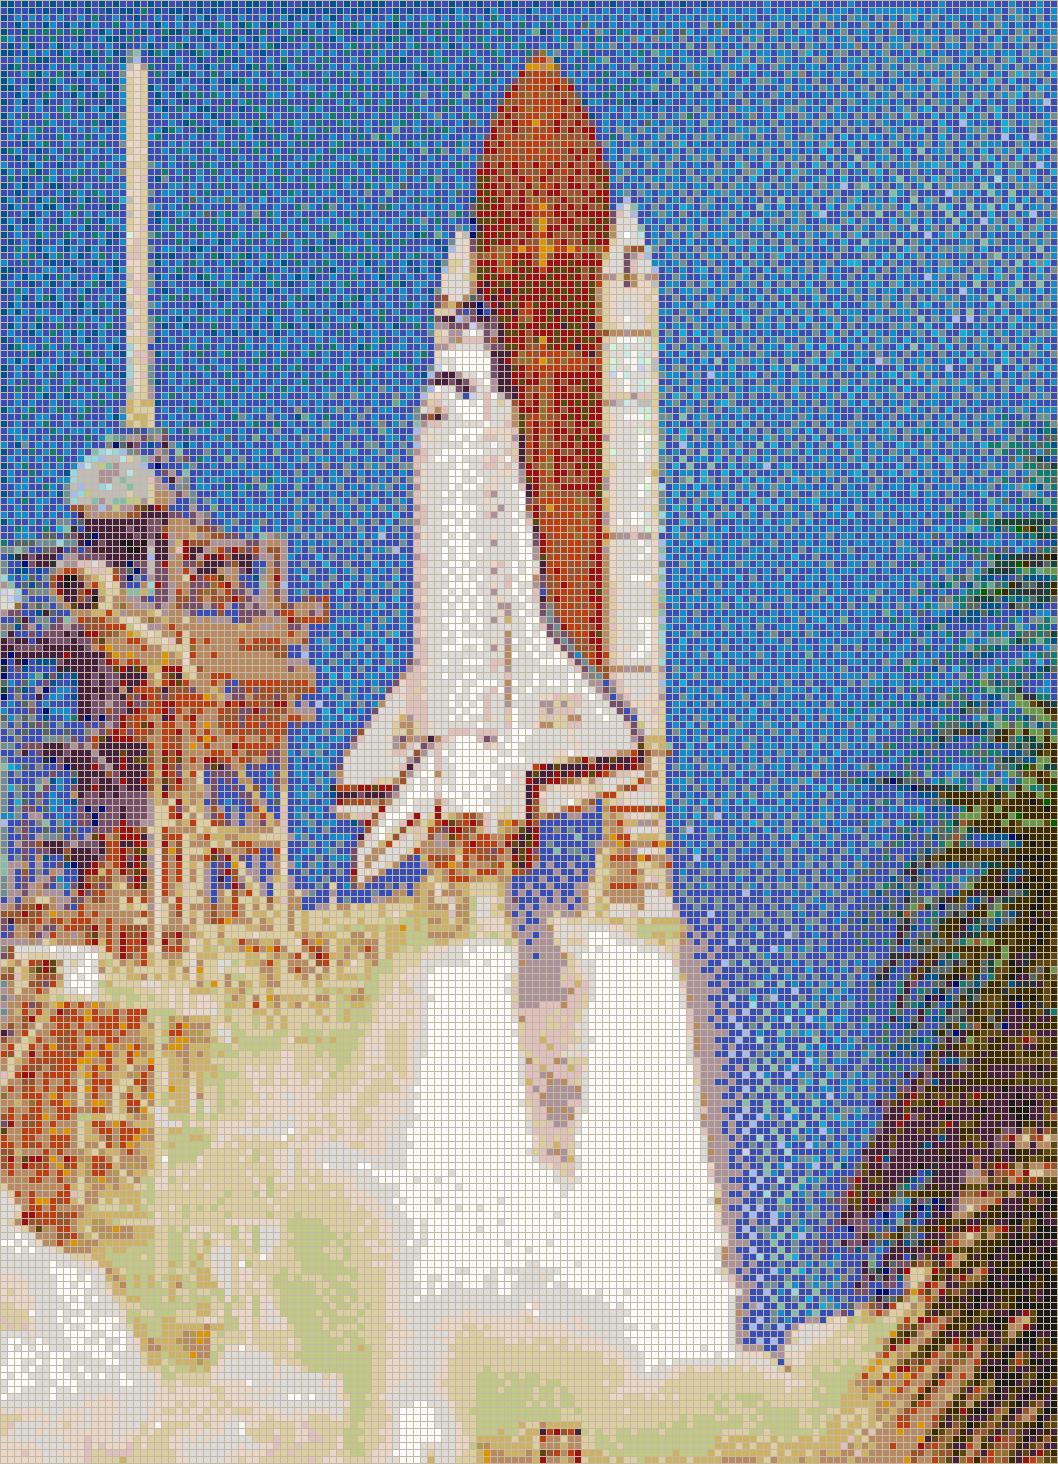 Drawings of Space Shuttle Atlantis - 114.7KB